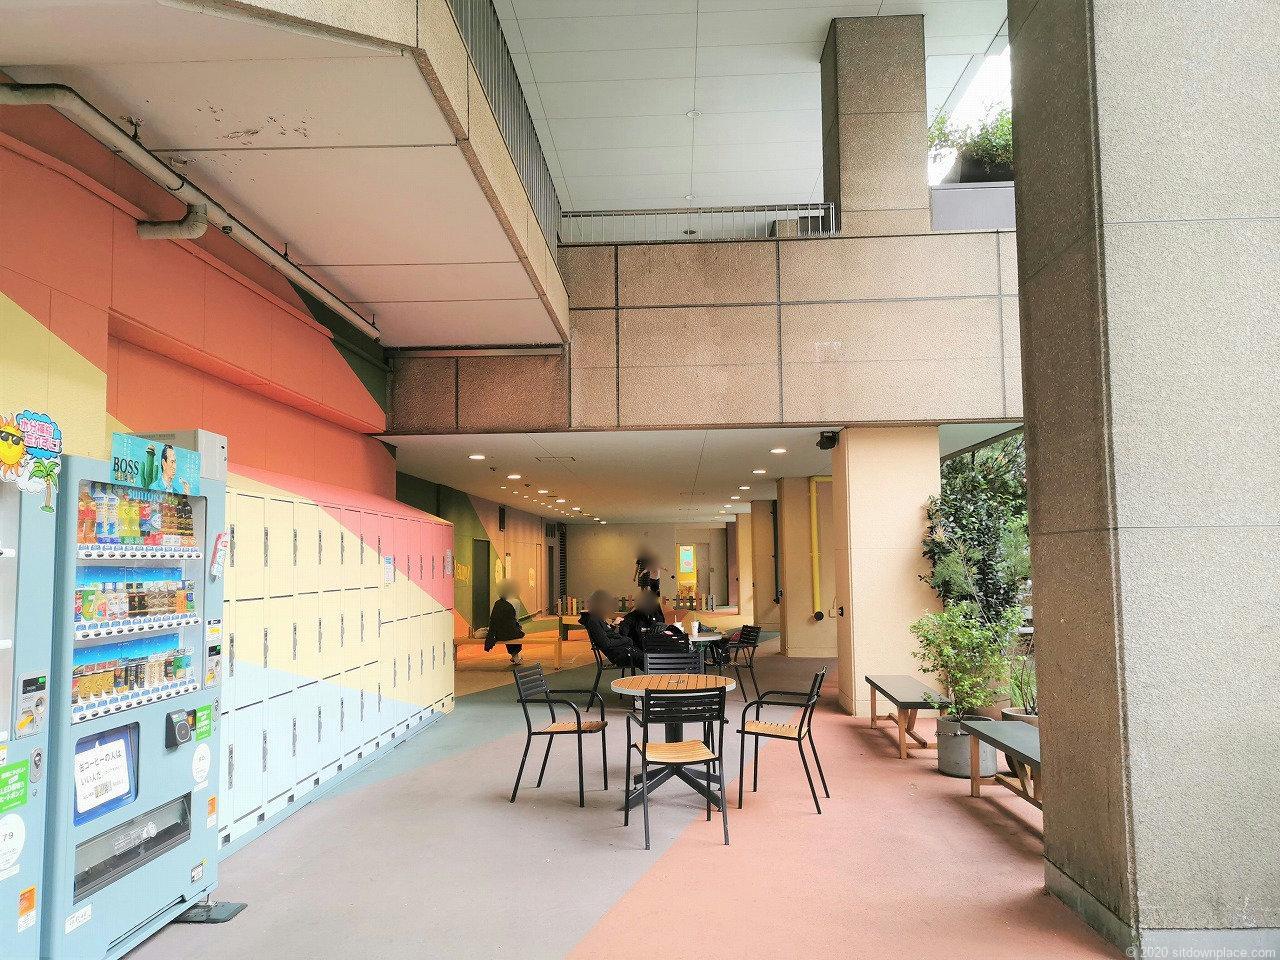 水道橋駅 東京ドームシティ HI!EVERY VALLEYの休憩場所5の自動販売機とロッカー